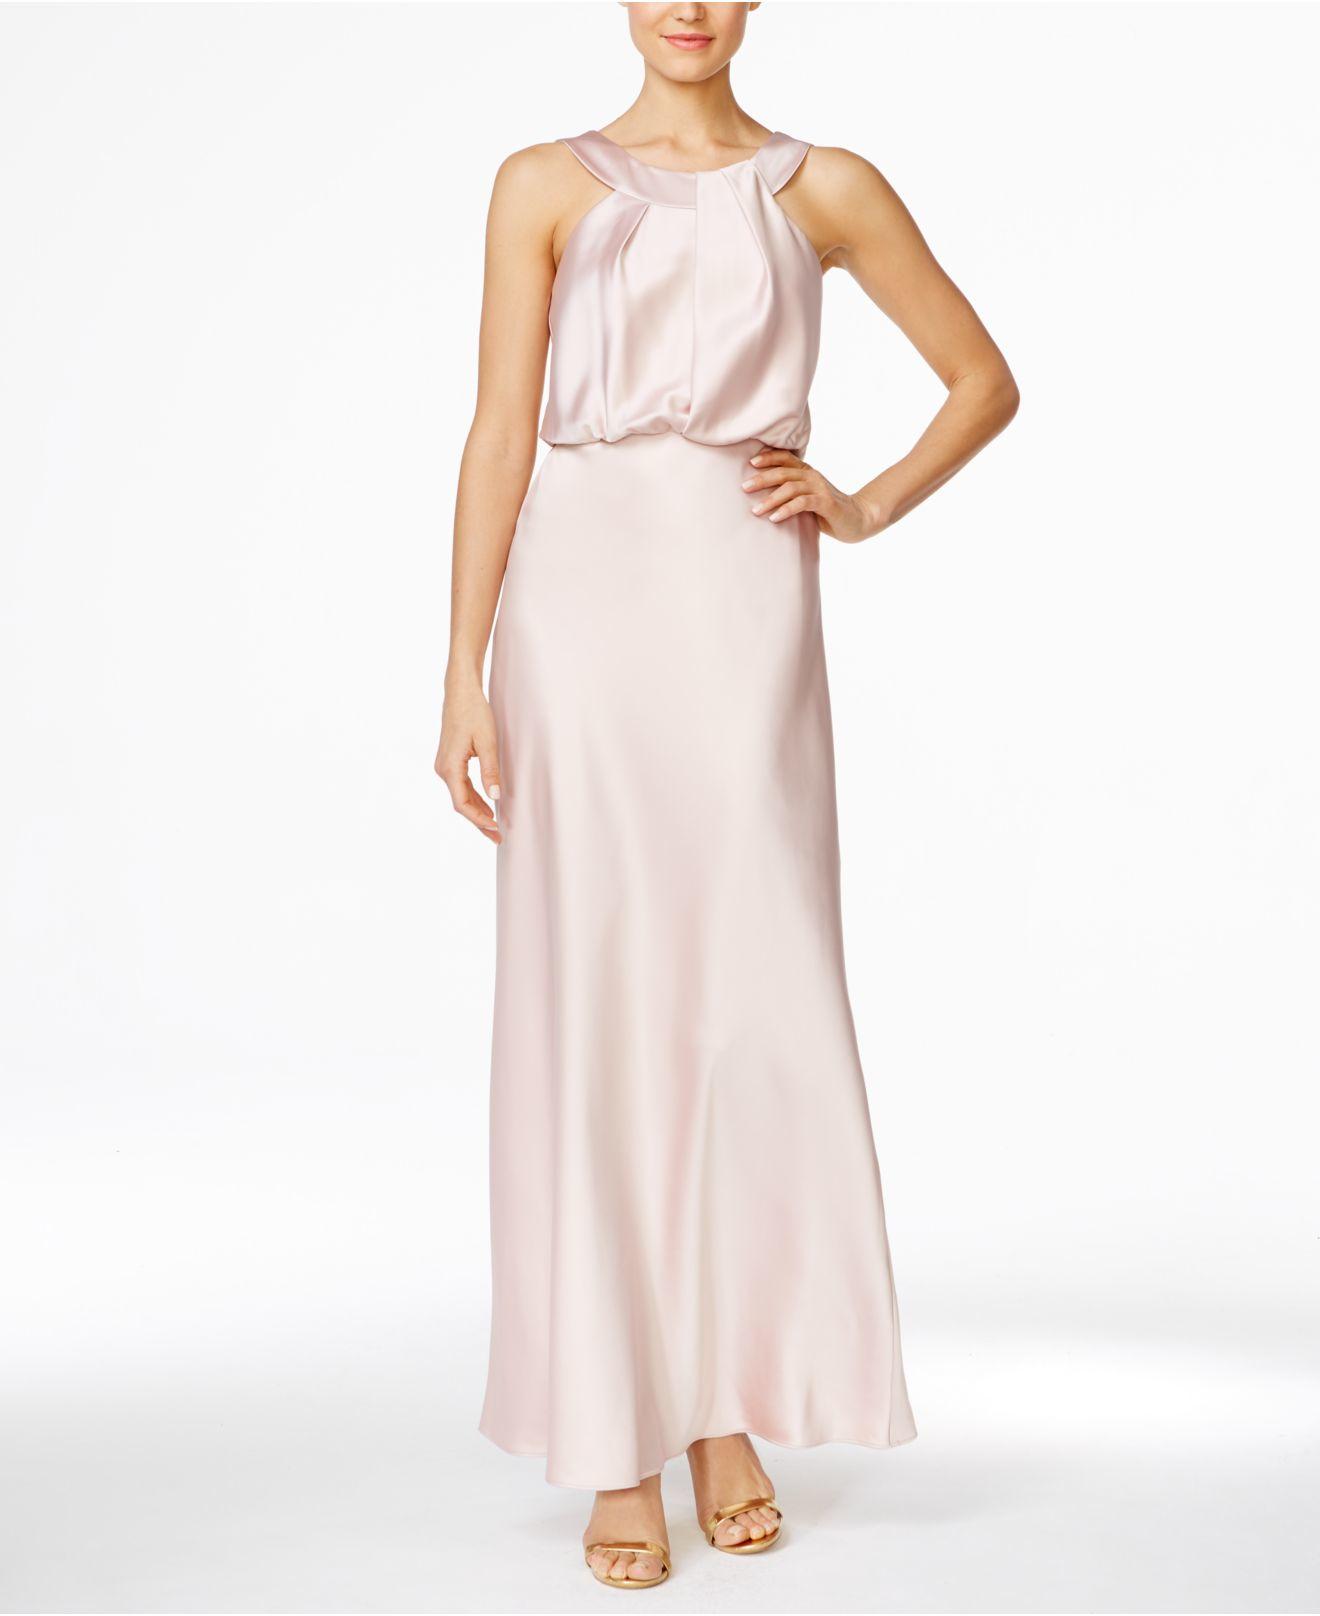 Lyst - Calvin Klein Blouson Satin Gown in Pink c105a2089